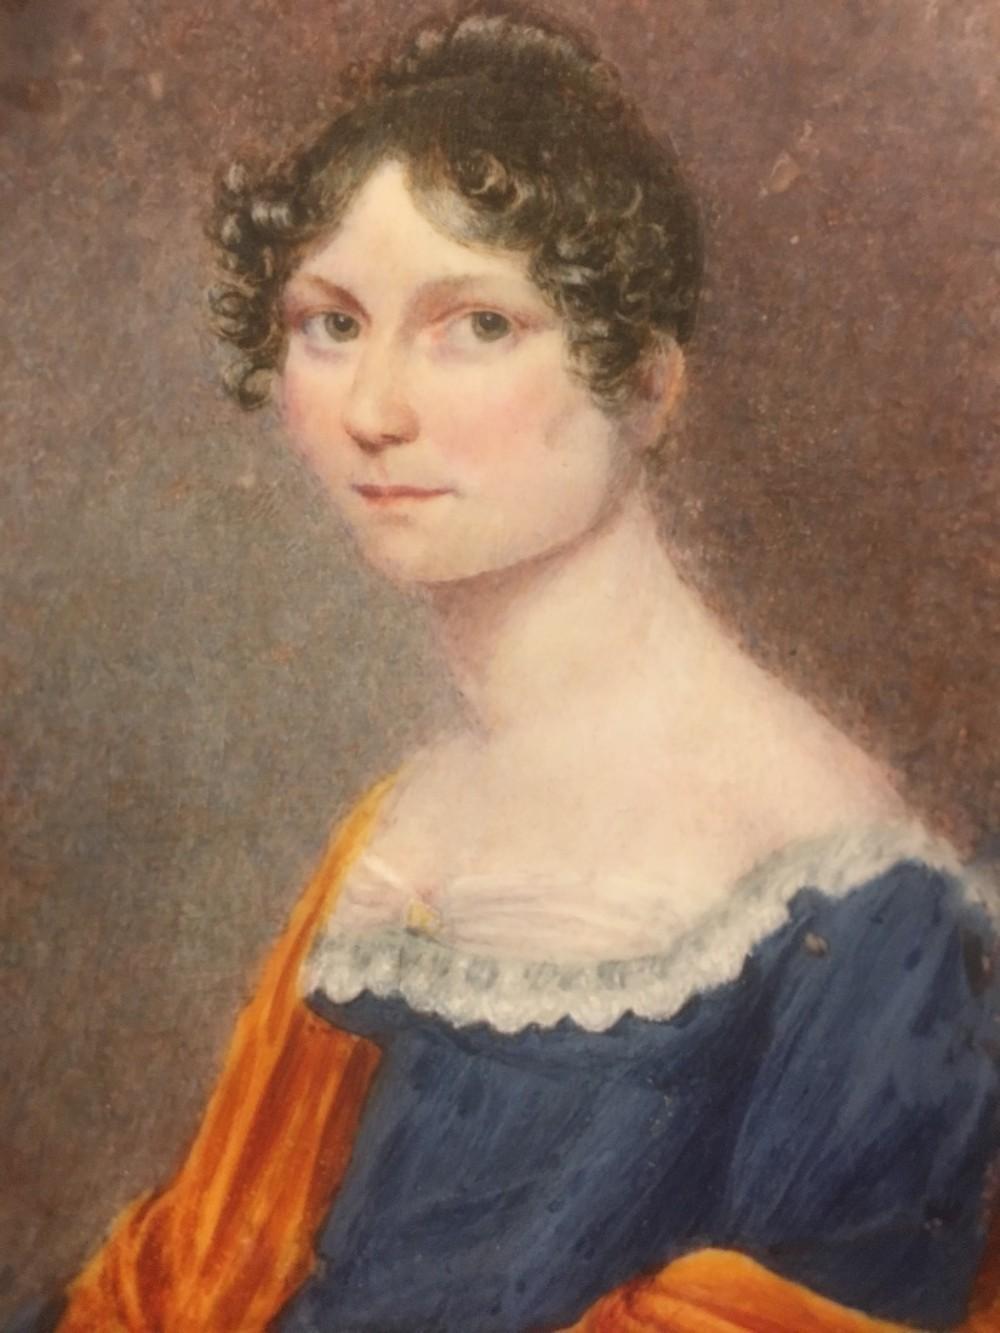 miniature portrait of woman by j jackson c1815